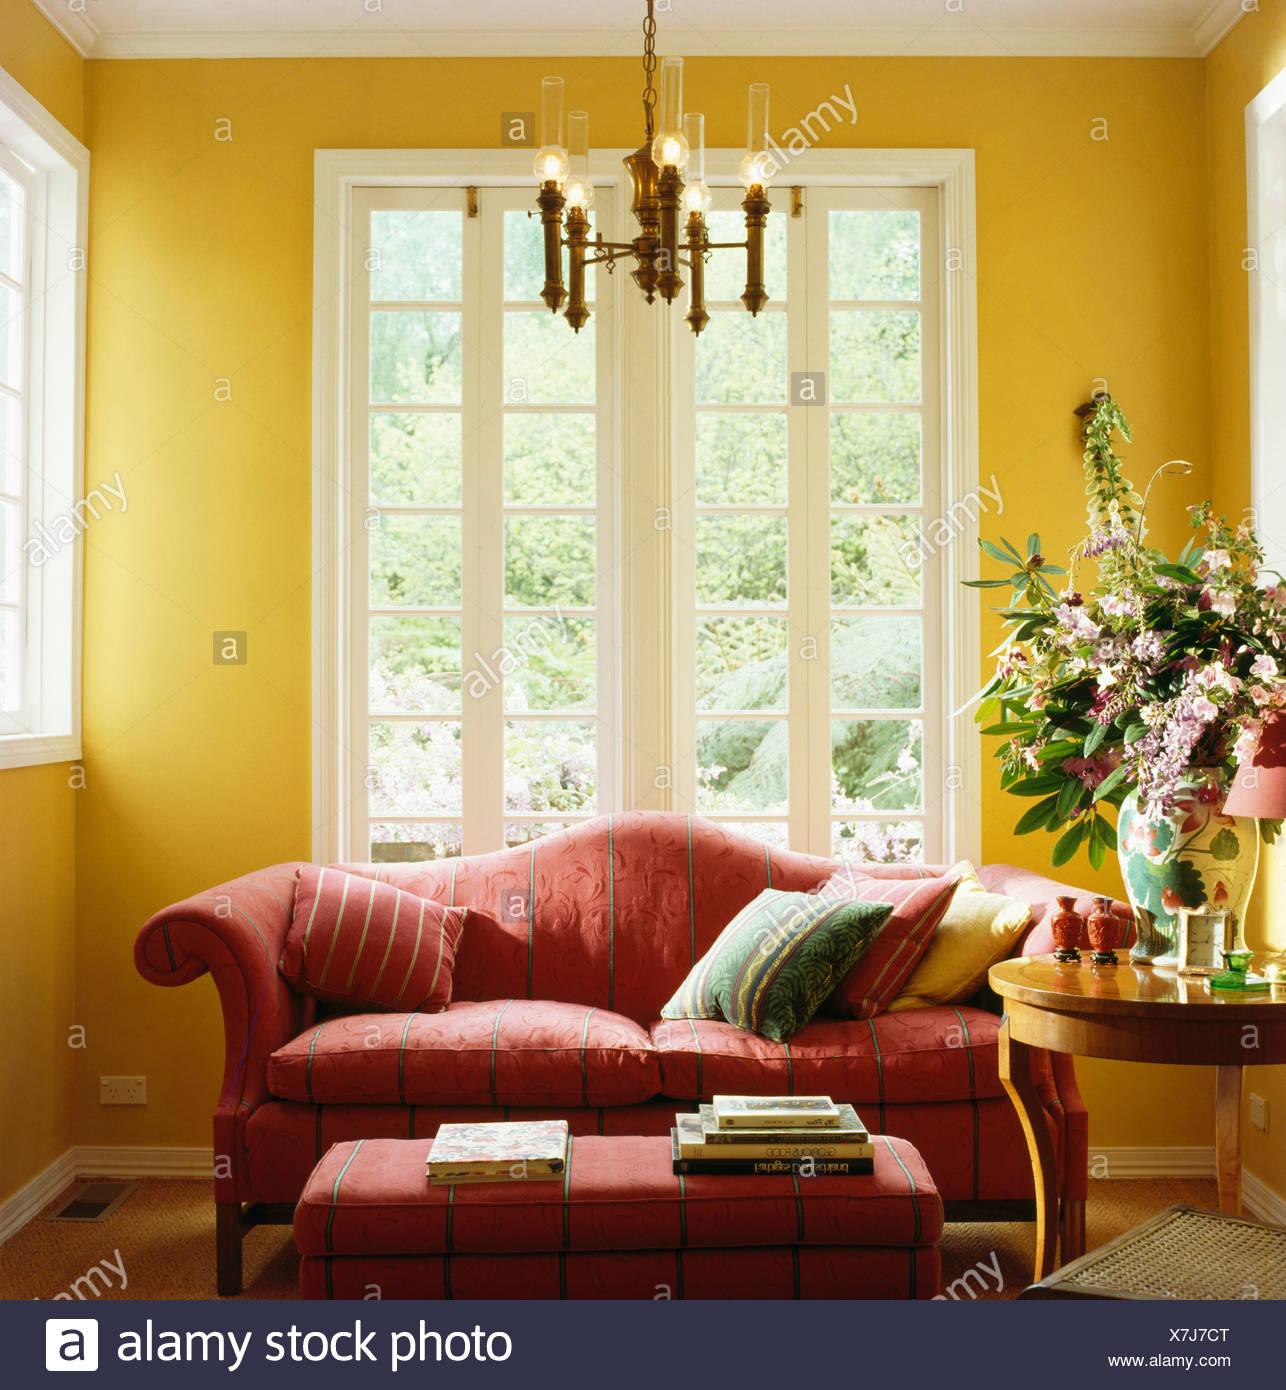 Divano rosso nella parte anteriore del francese windows in giallo ...